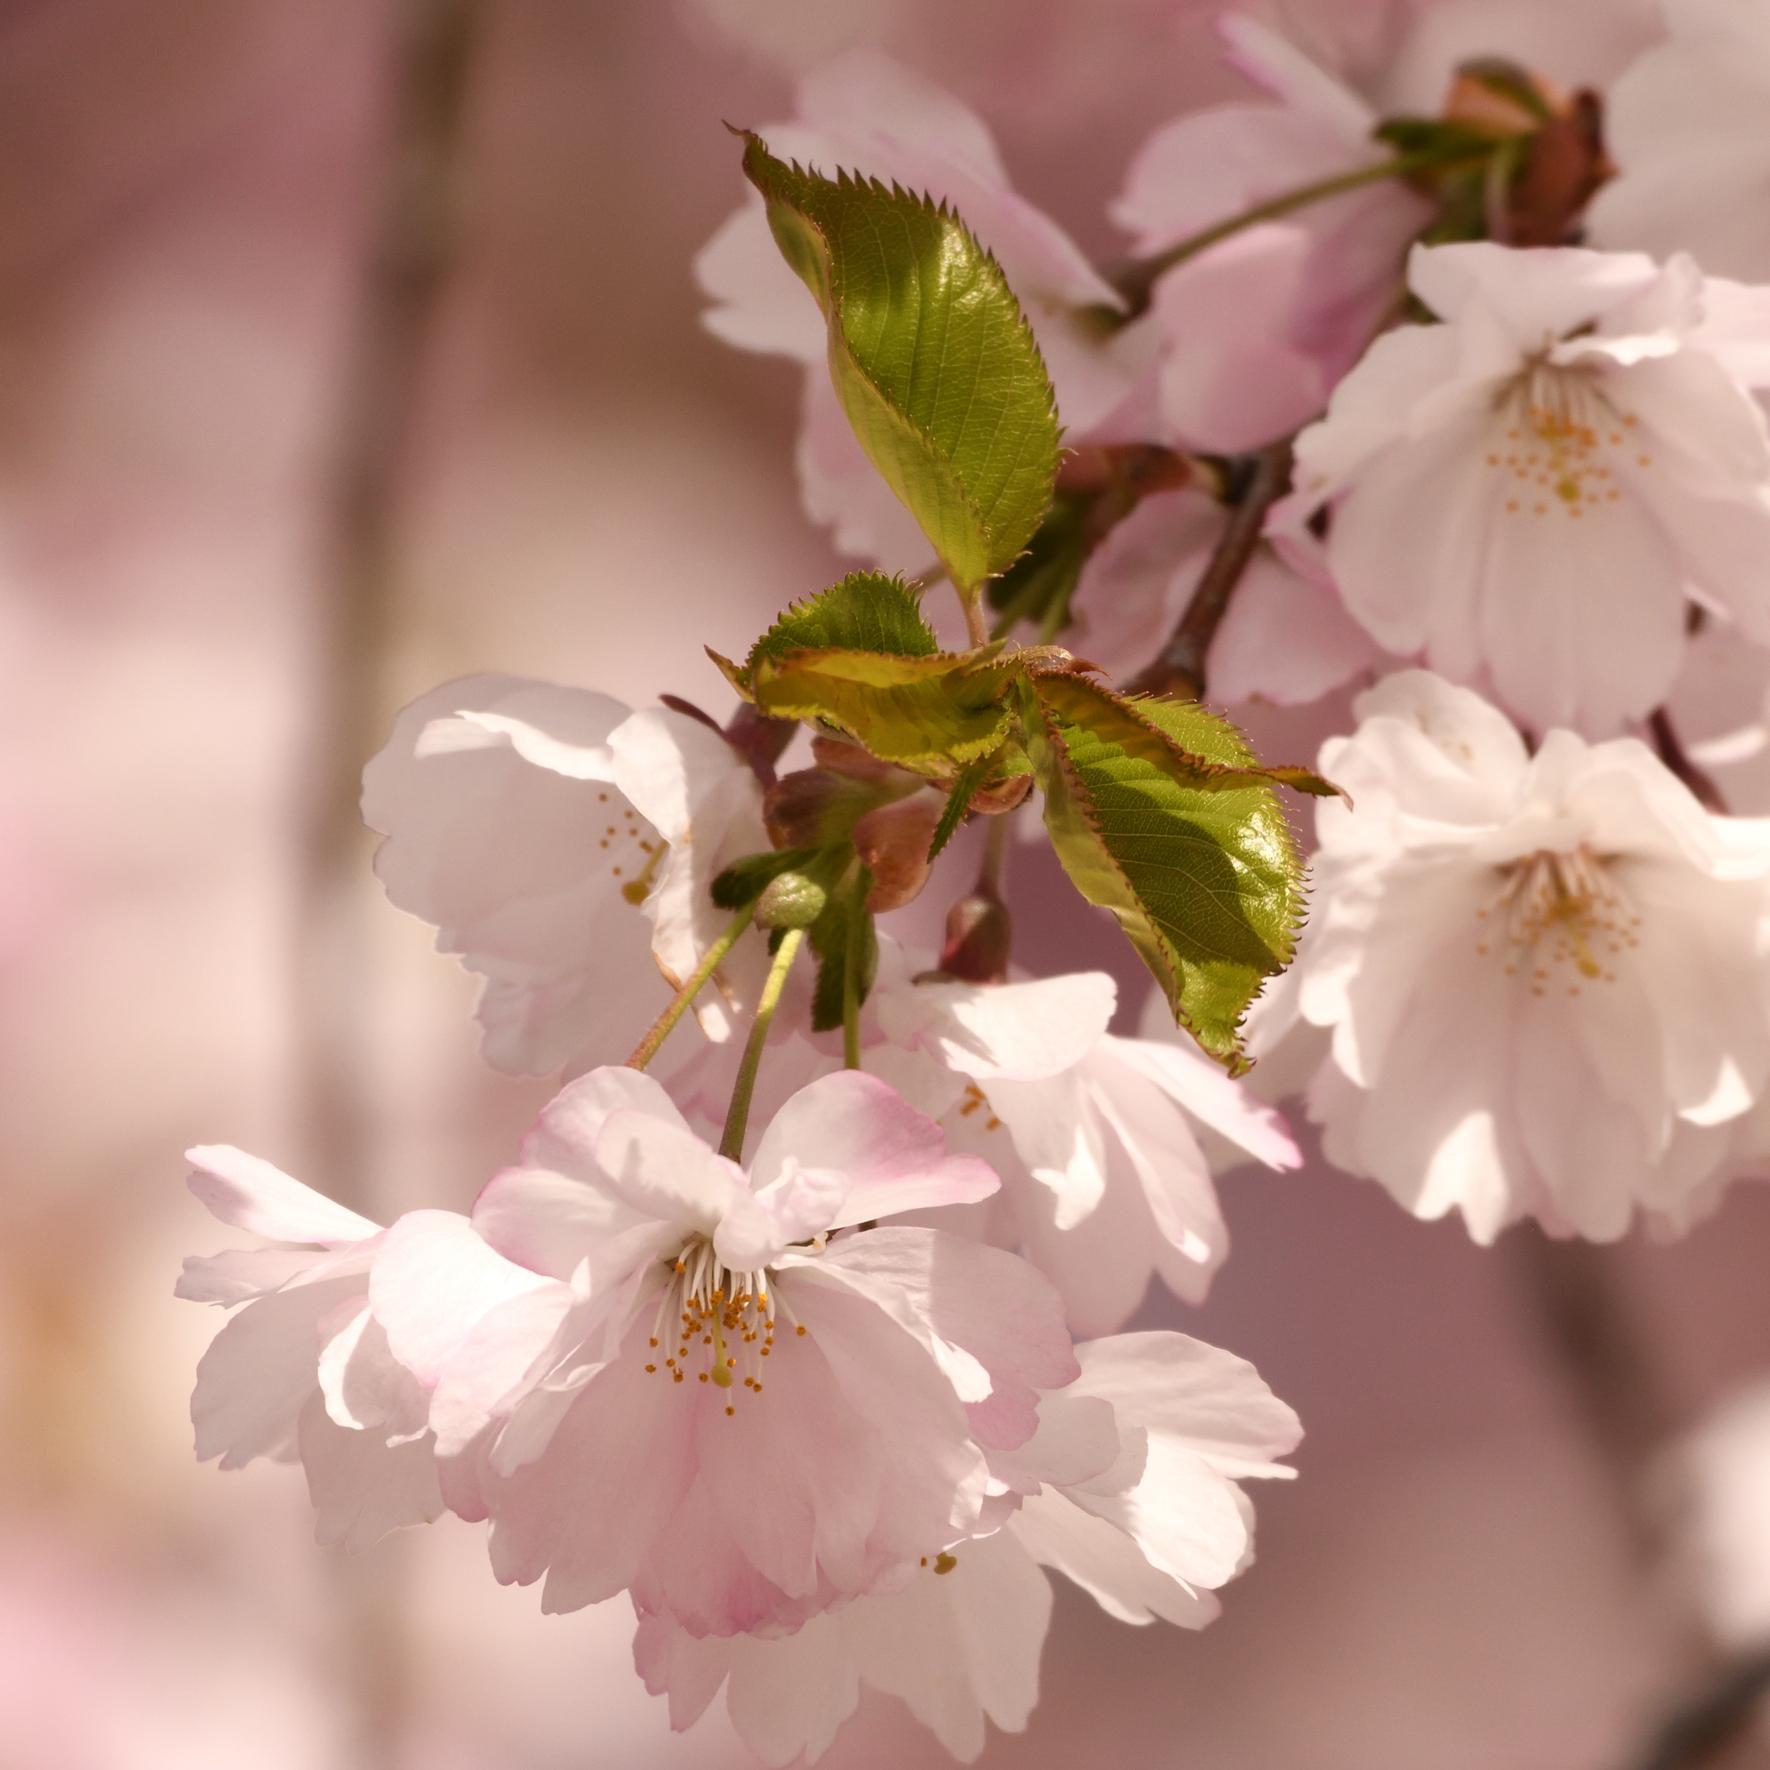 4. Cherry Blossom